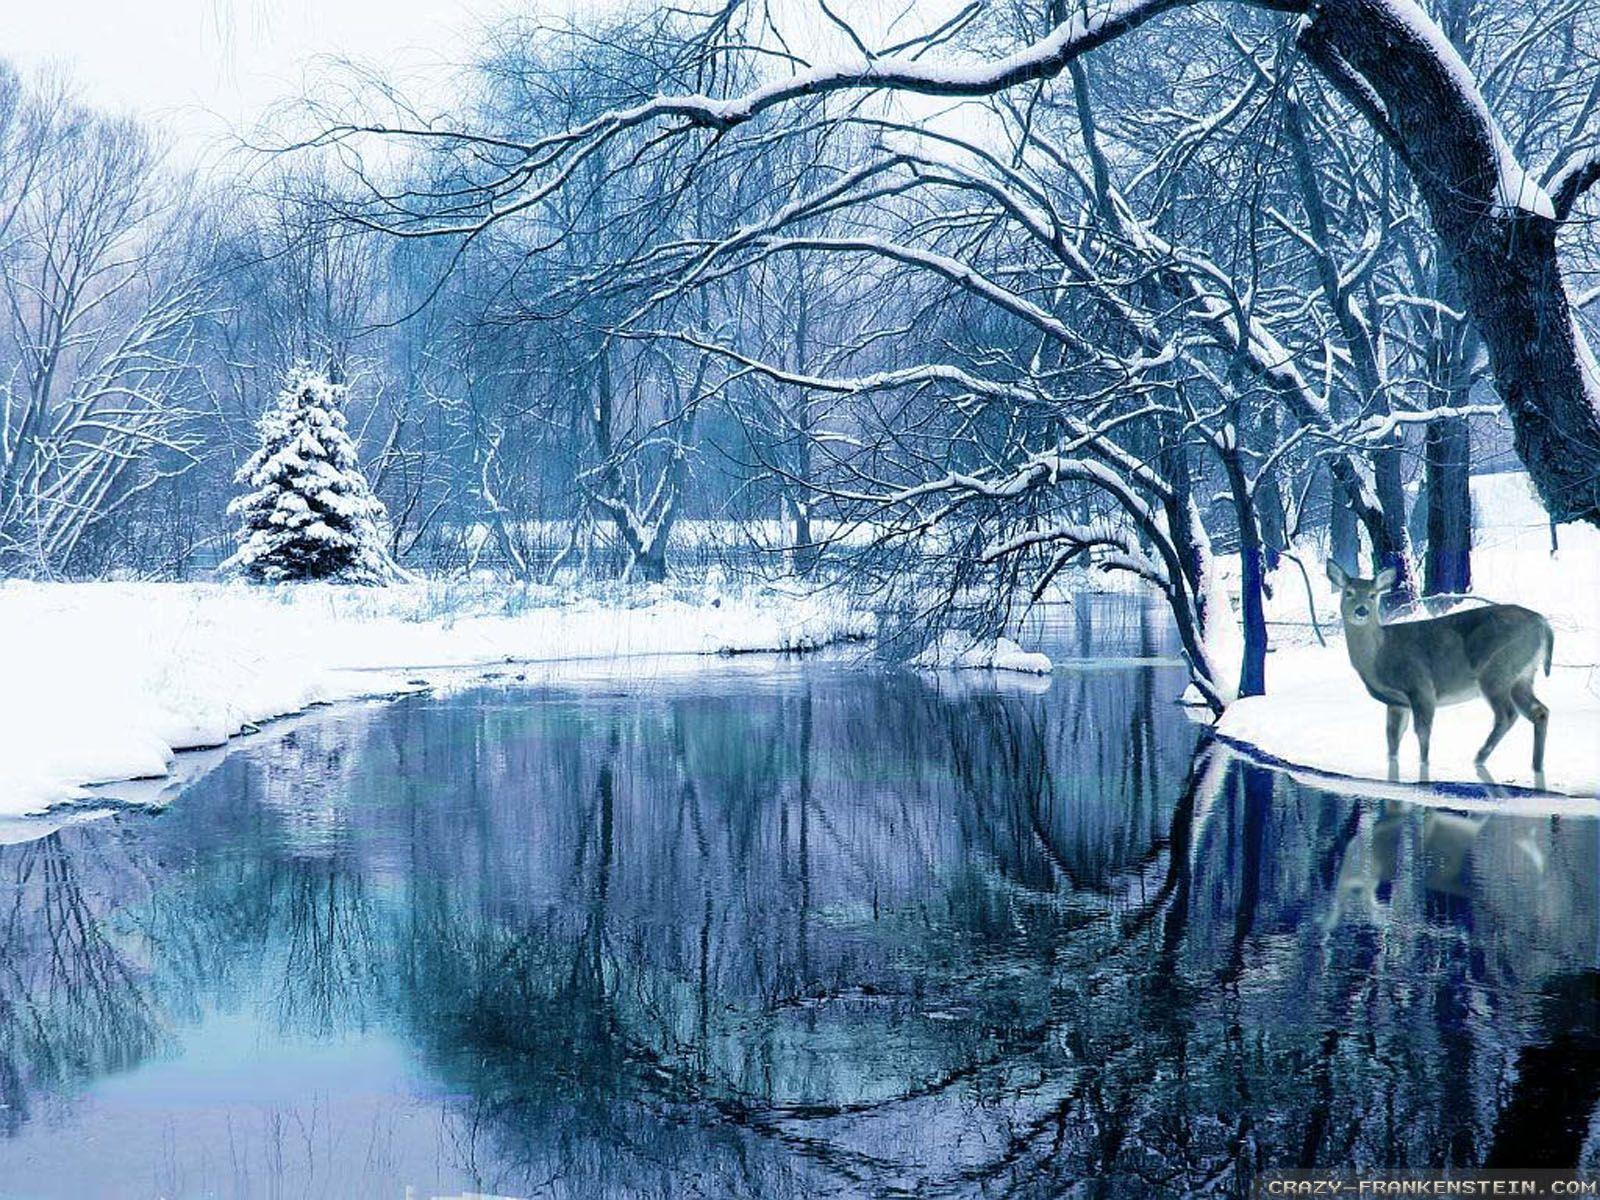 Winter Nature wallpapers - Crazy Frankenstein | Nature ...